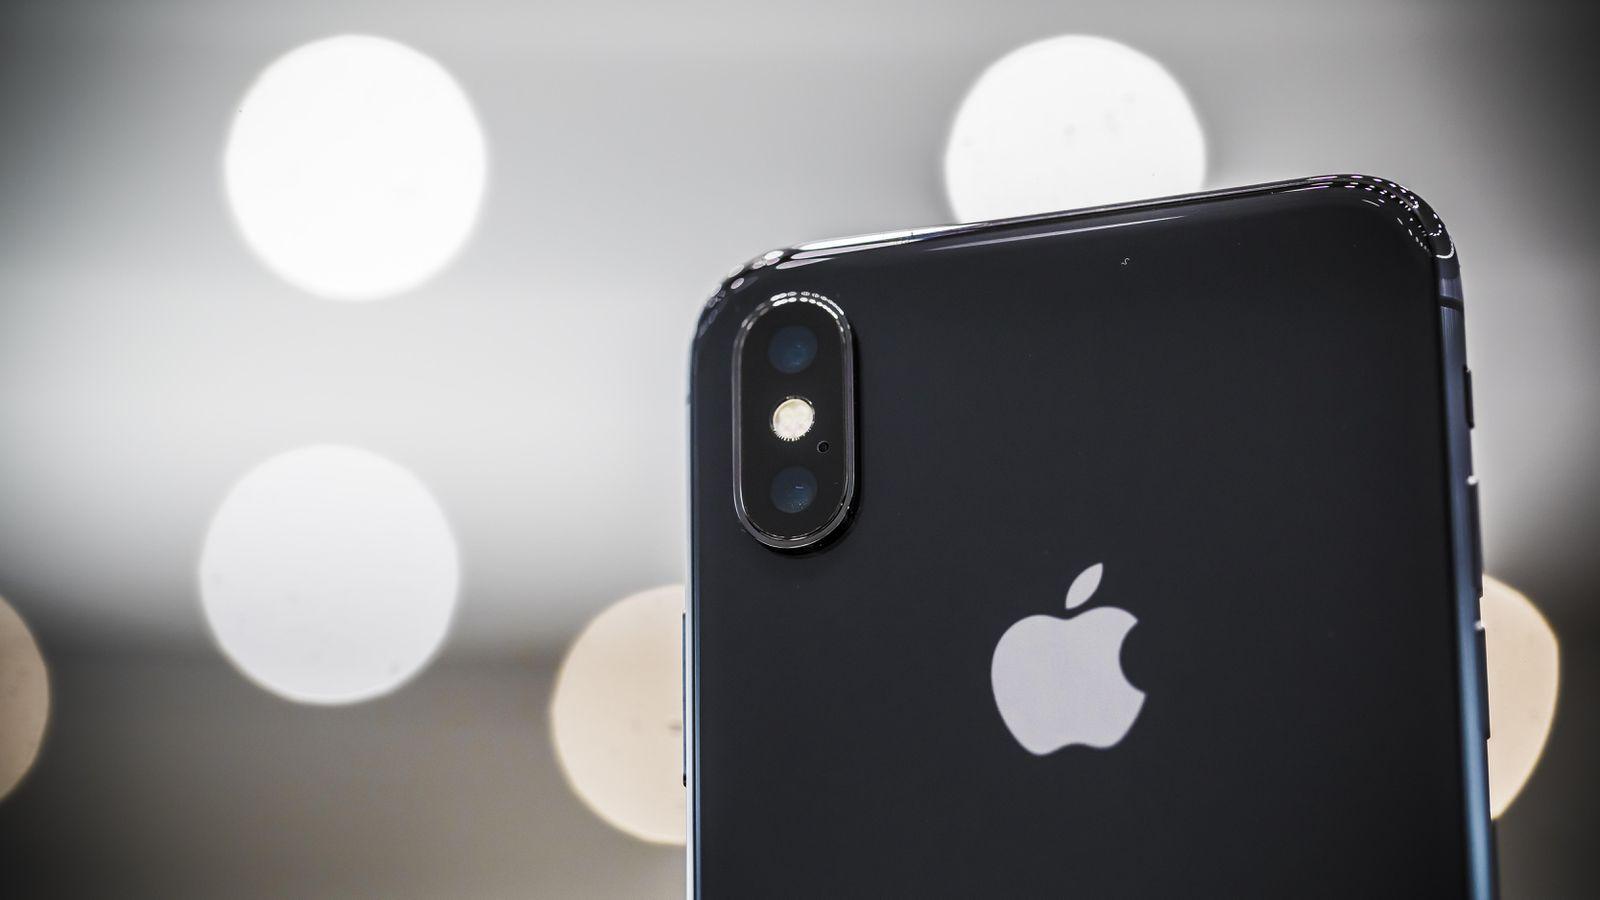 Акции Samsung, LG и многих других компаний падают по причине инсайда от Apple